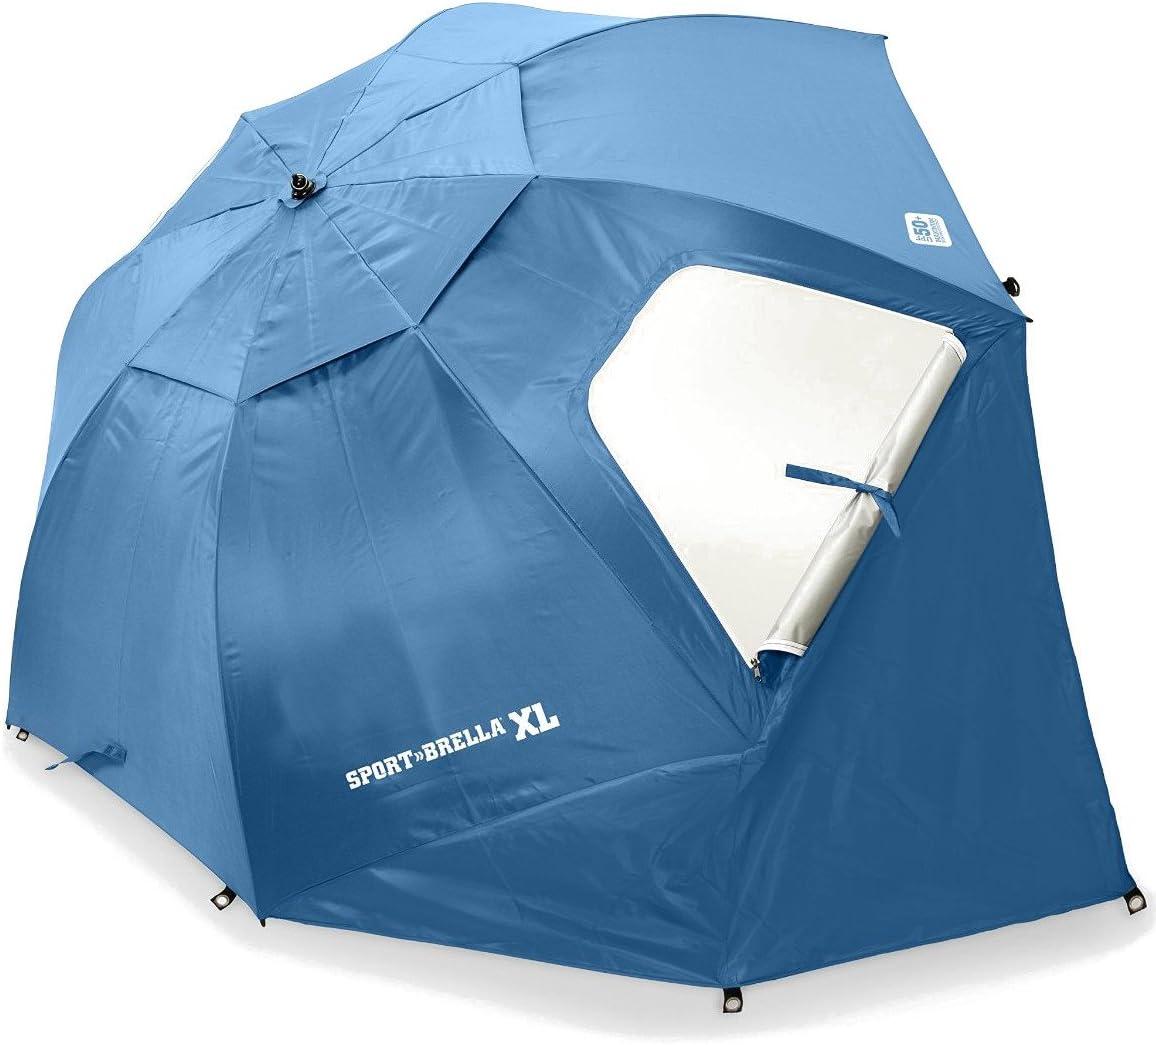 Sport-Brella XL Vented SPF 50+ Sun and Rain Canopy